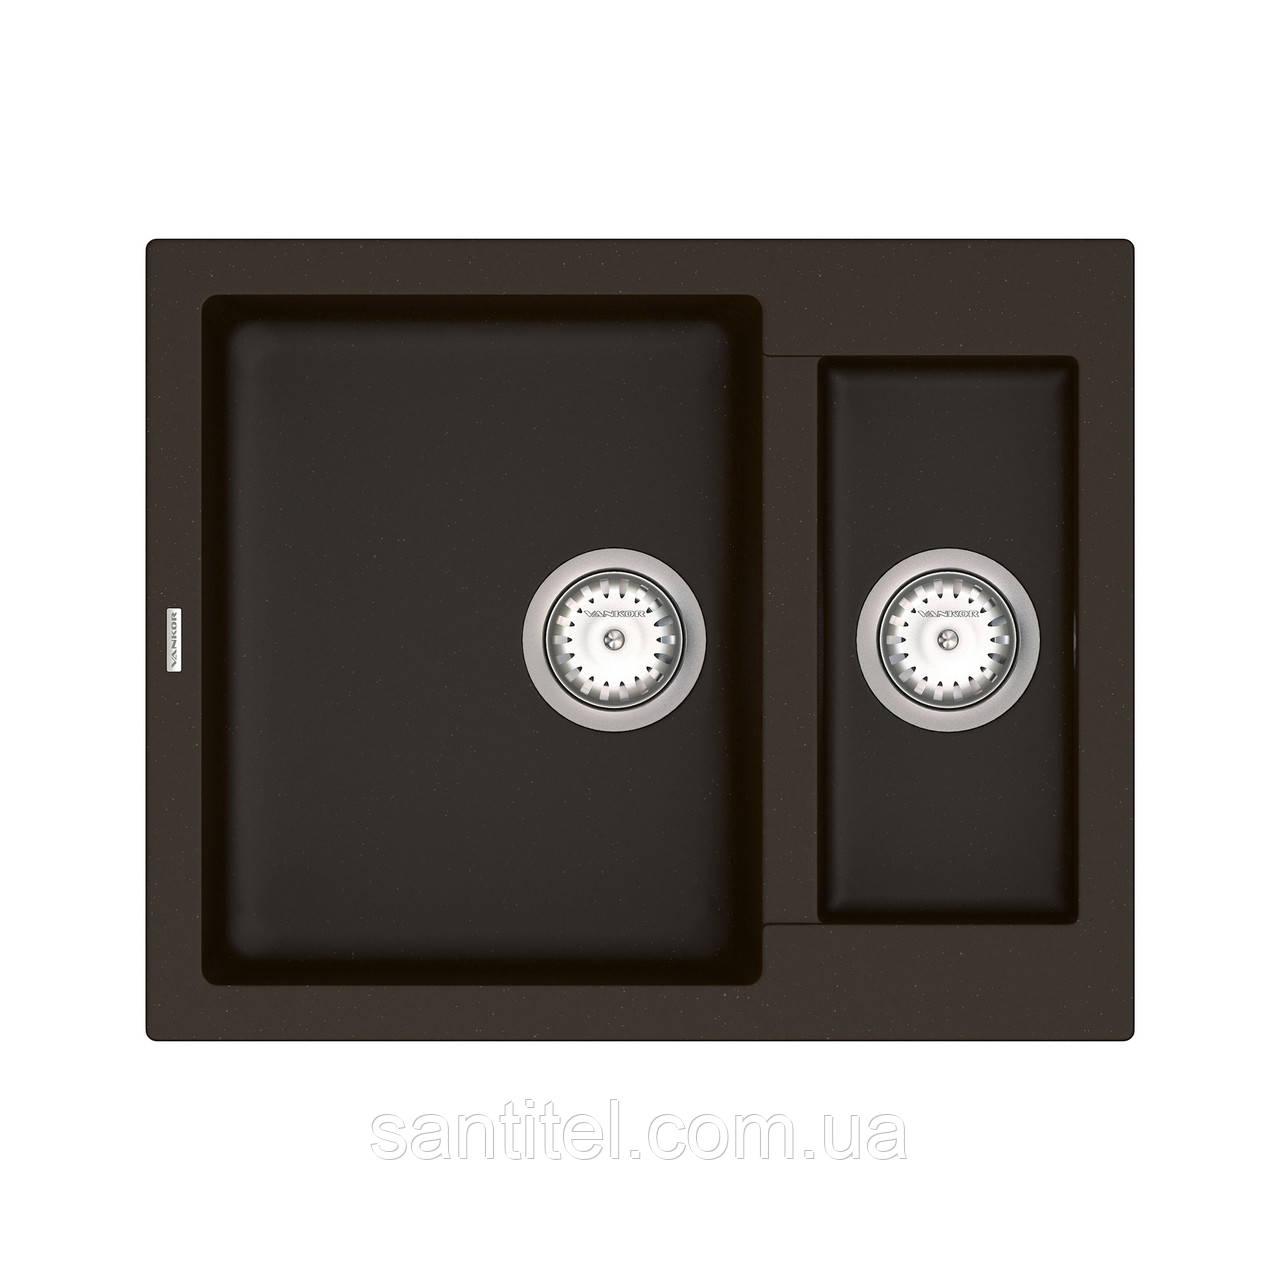 Кухонна мийка VANKOR Orman OMP 03.61 Chocolate + сифон VANKOR